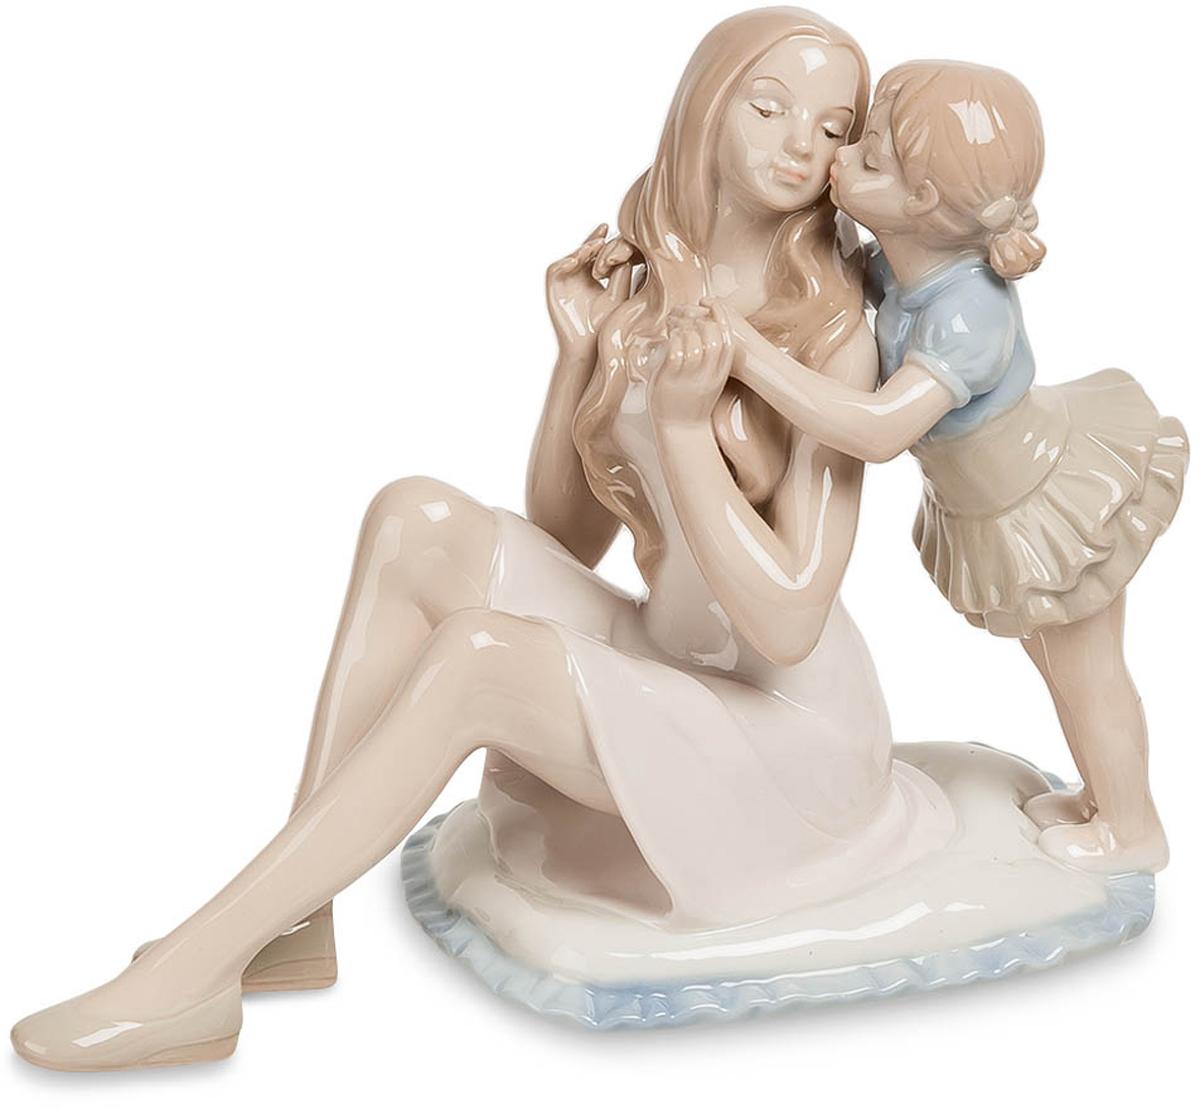 Статуэтка Pavone Мать с дочерью. JP-15/3874-0140Статуэтка Девушки с ребёнком высотой 15 см.Вот что бы не говорили, а сильнее дочки никто маму не любит!Отличным подарком маме может стать фигурка Мама с дочерью. Статуэтка сделана из фарфора и вызывает самые положительные и теплые эмоции. Изделие представляет собой композицию из двух фигур: сидящей мамы и стоящей рядом дочери, которая ее целует. Статуэтка напоминает нам о самом важно в жизни и том, любовь мамы к нам безоговорочная.